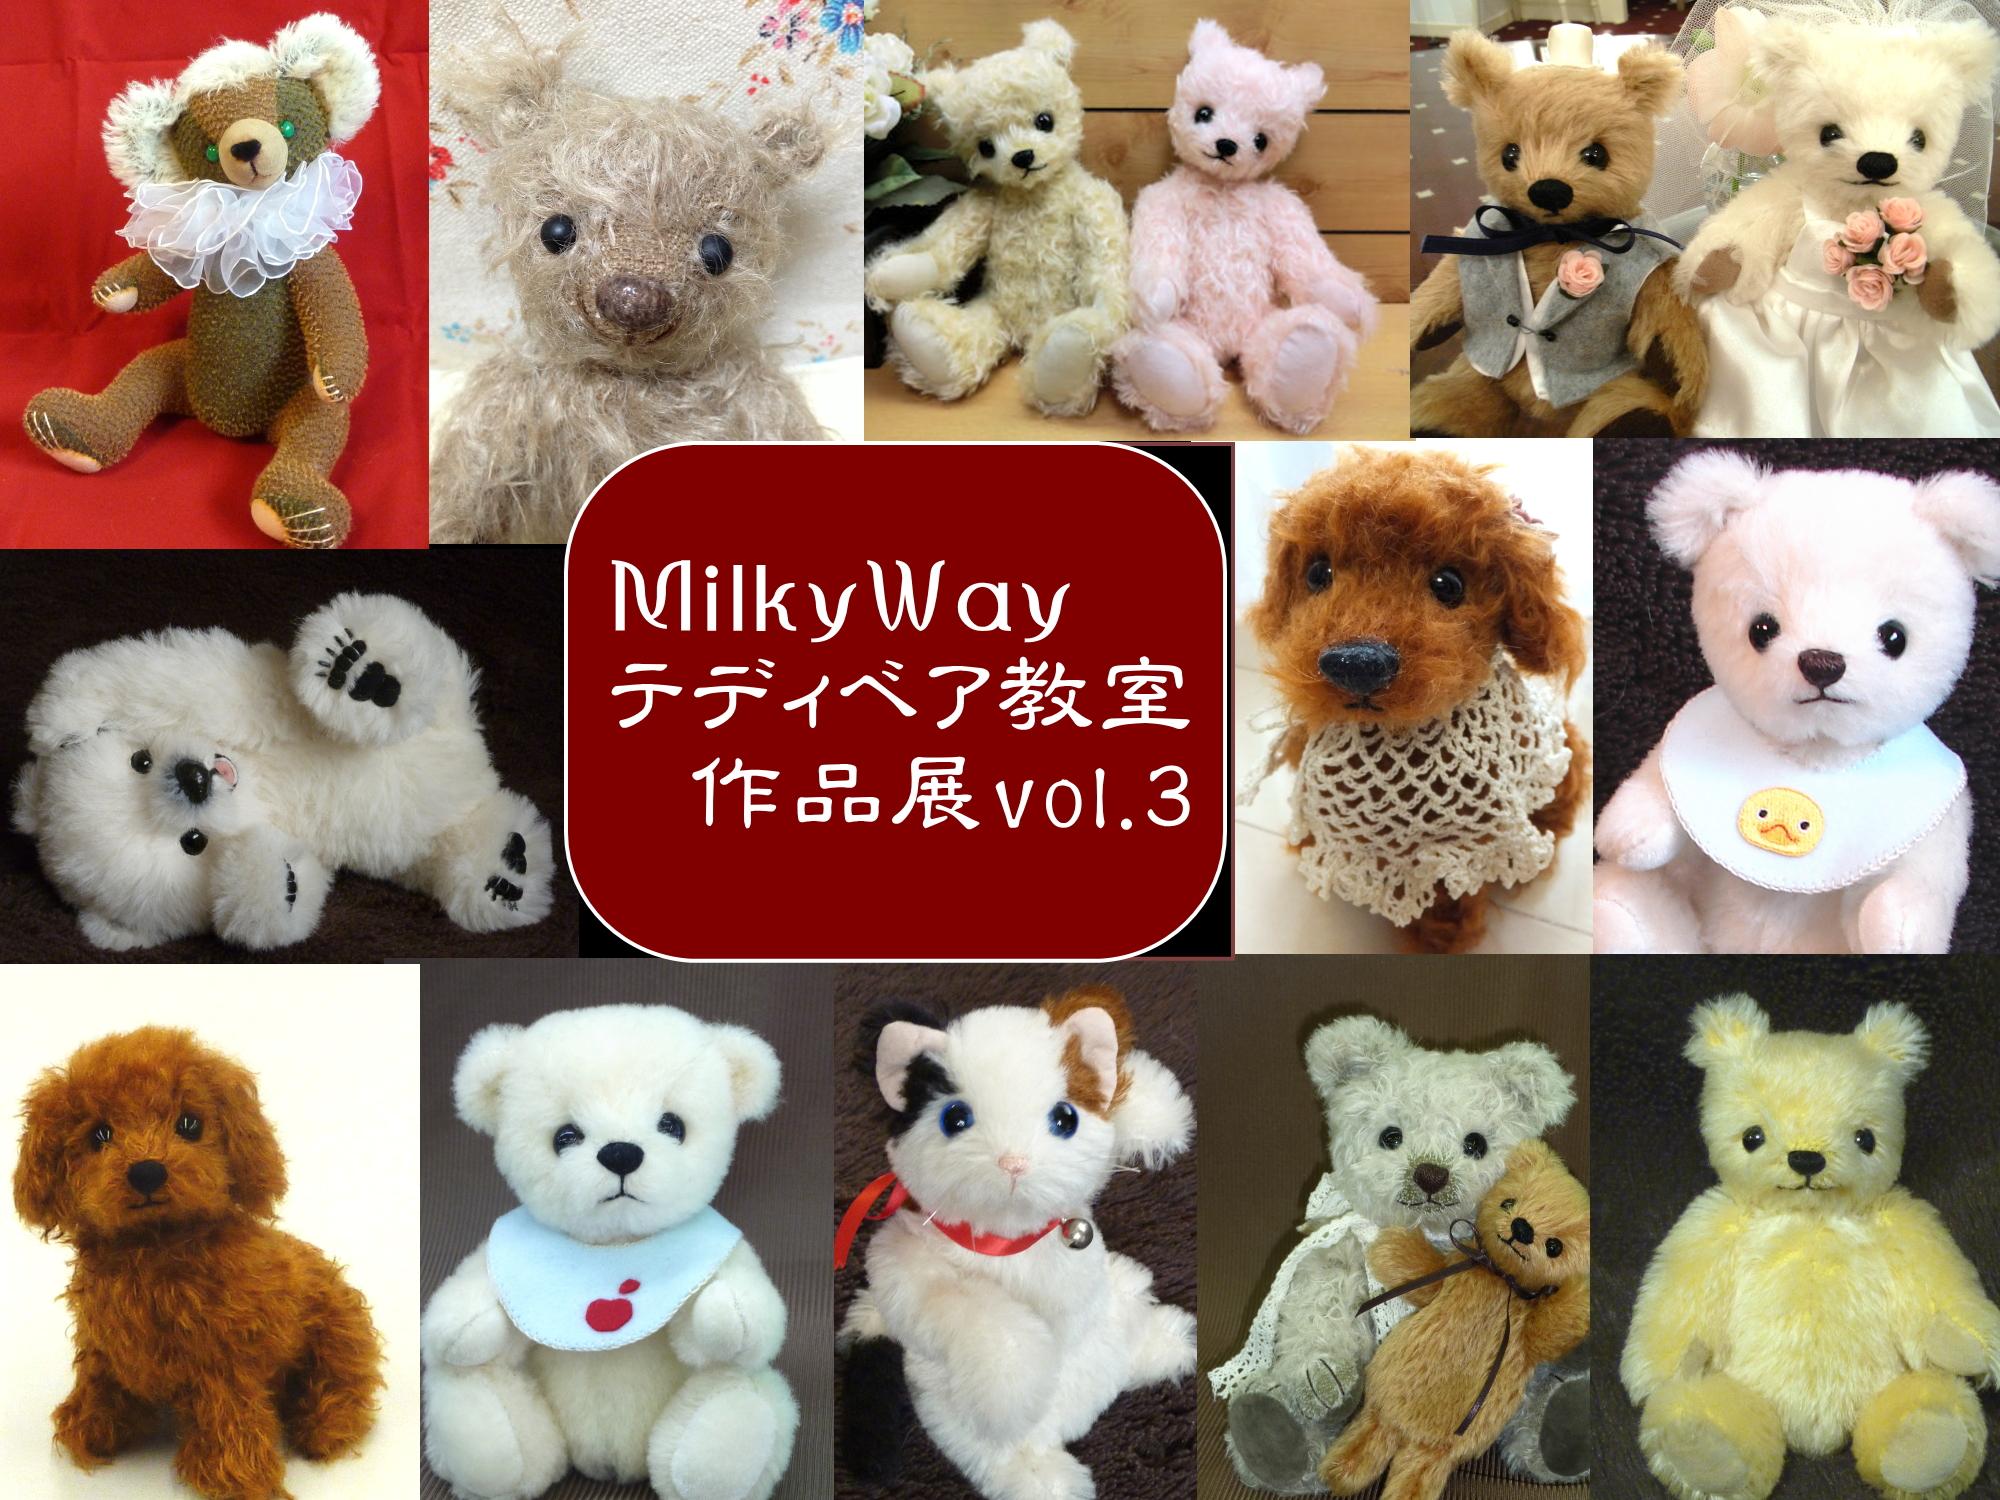 milkyway2013.jpg